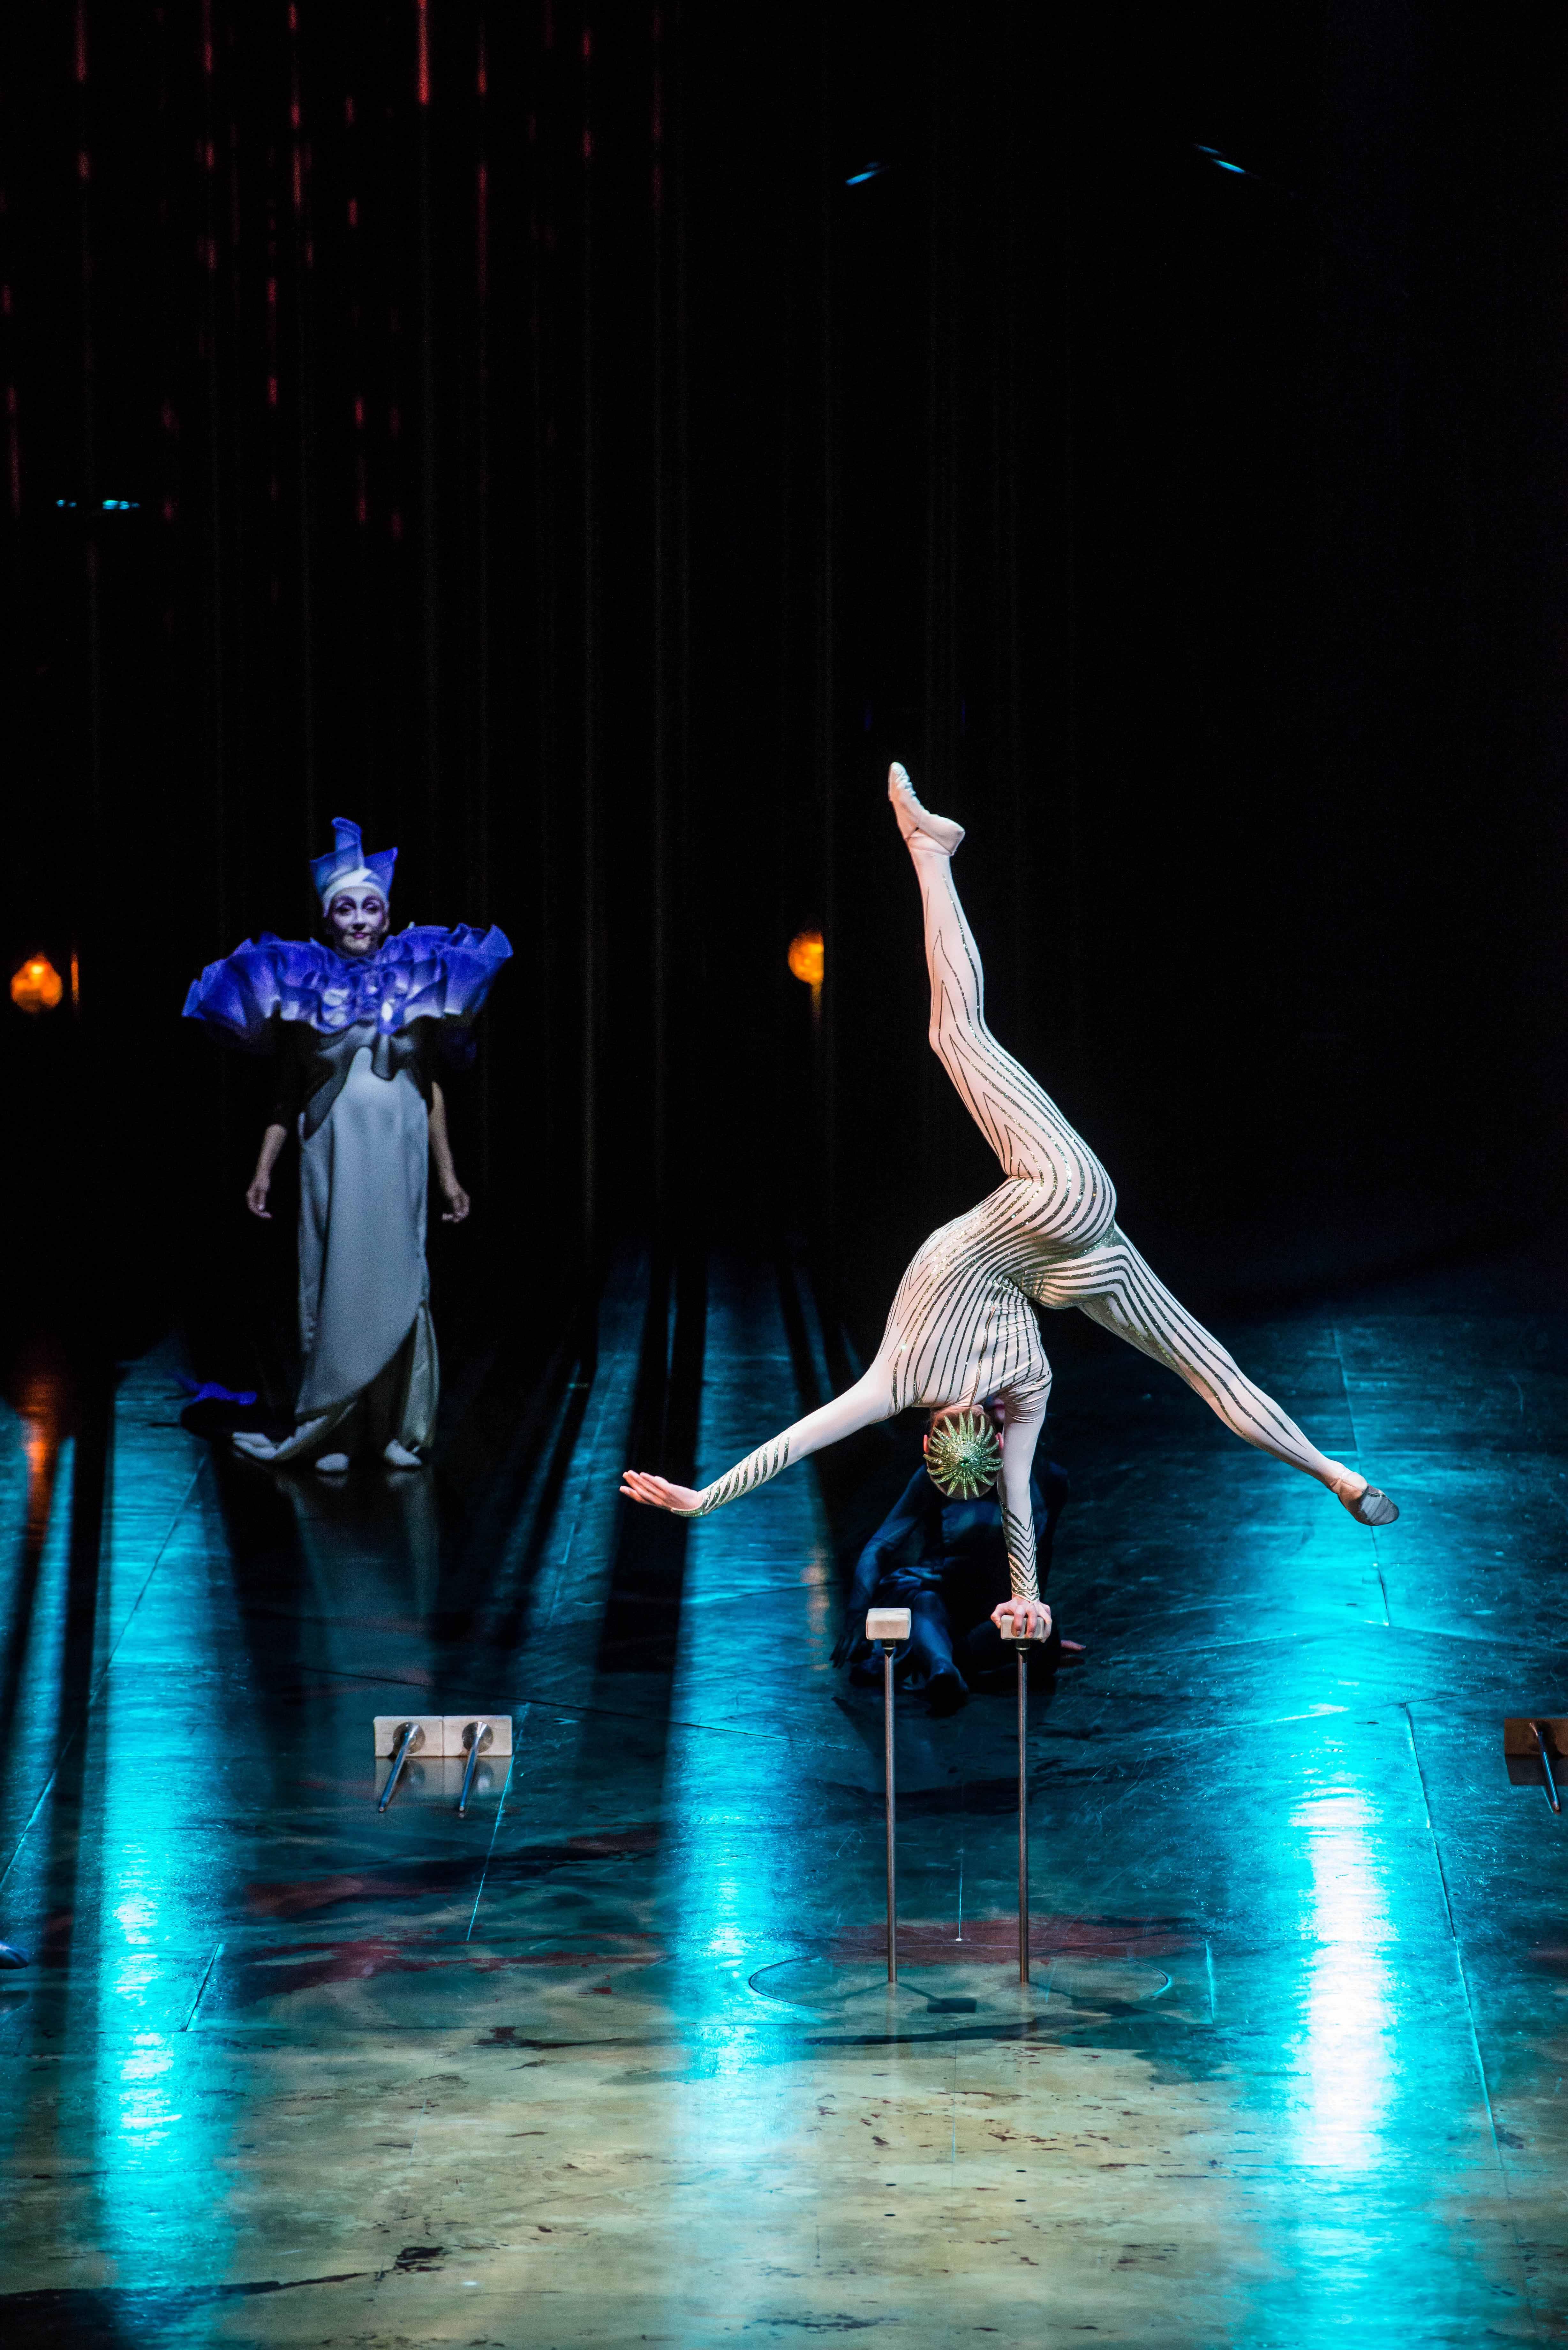 Varekai Von Cirque Du Soleil 20152016 Mlk Wwwmlkcom